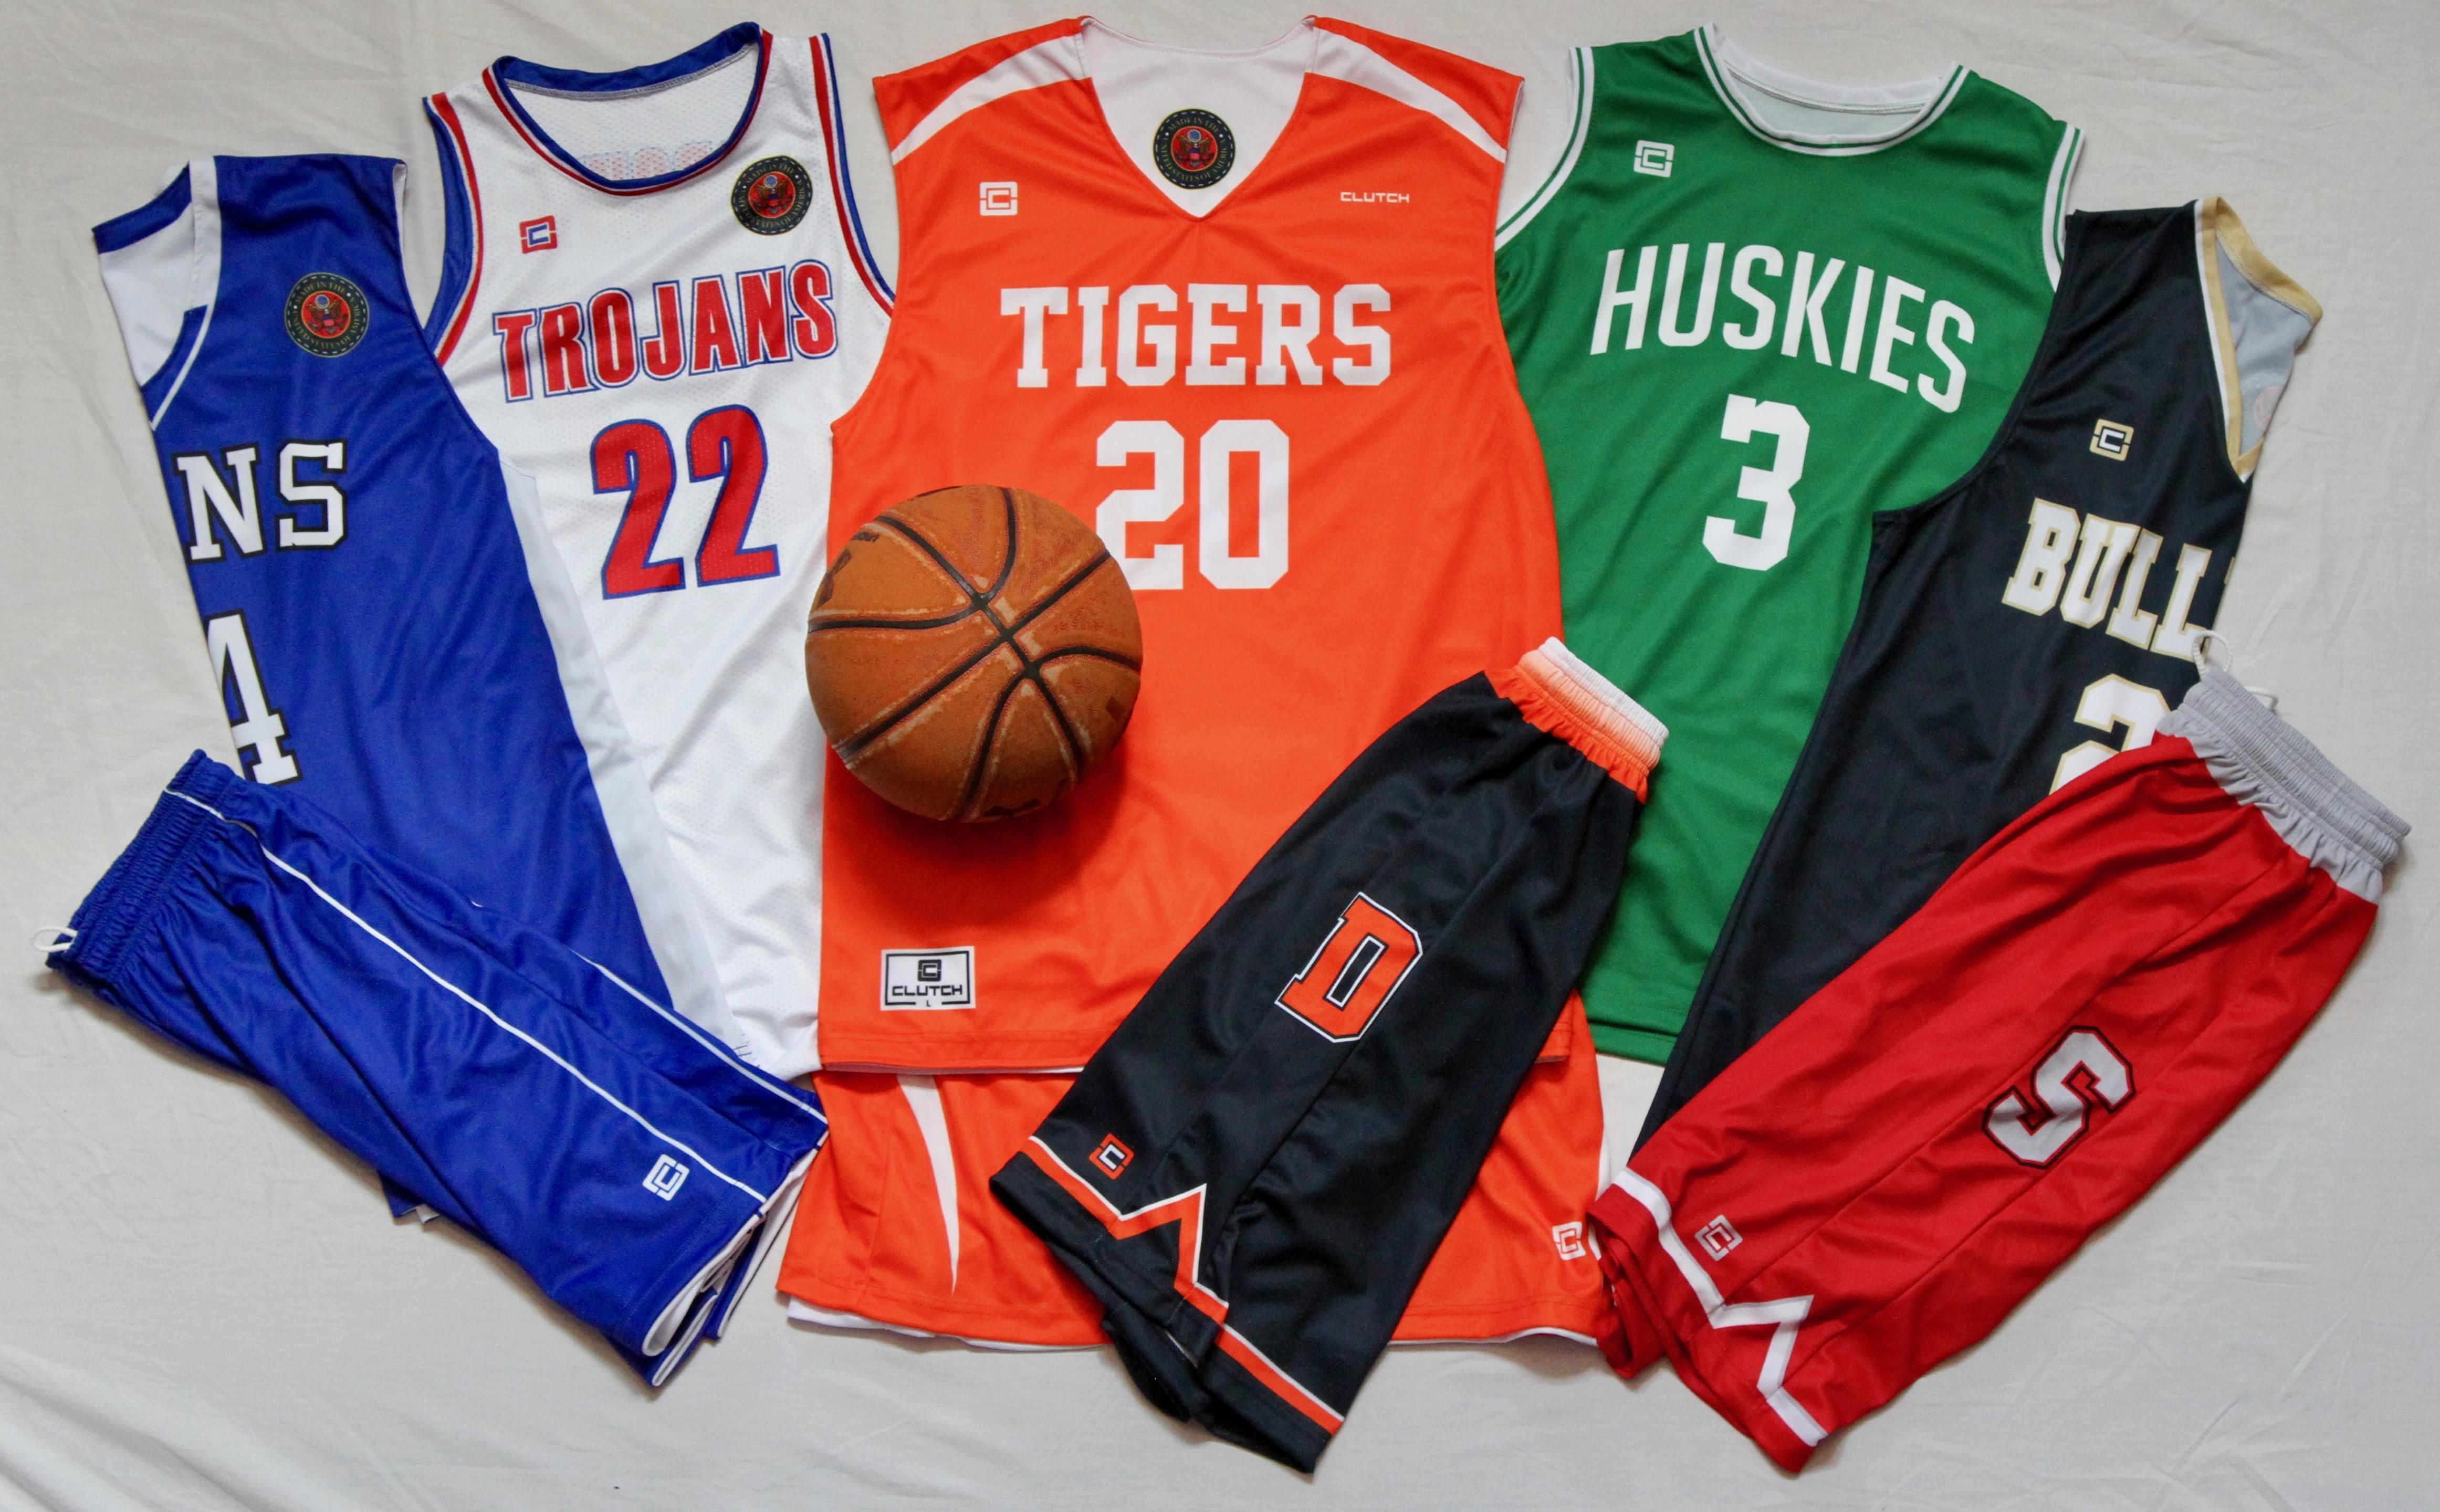 Clutch (Athletic Apparel, Team Uniforms & Custom Apparel